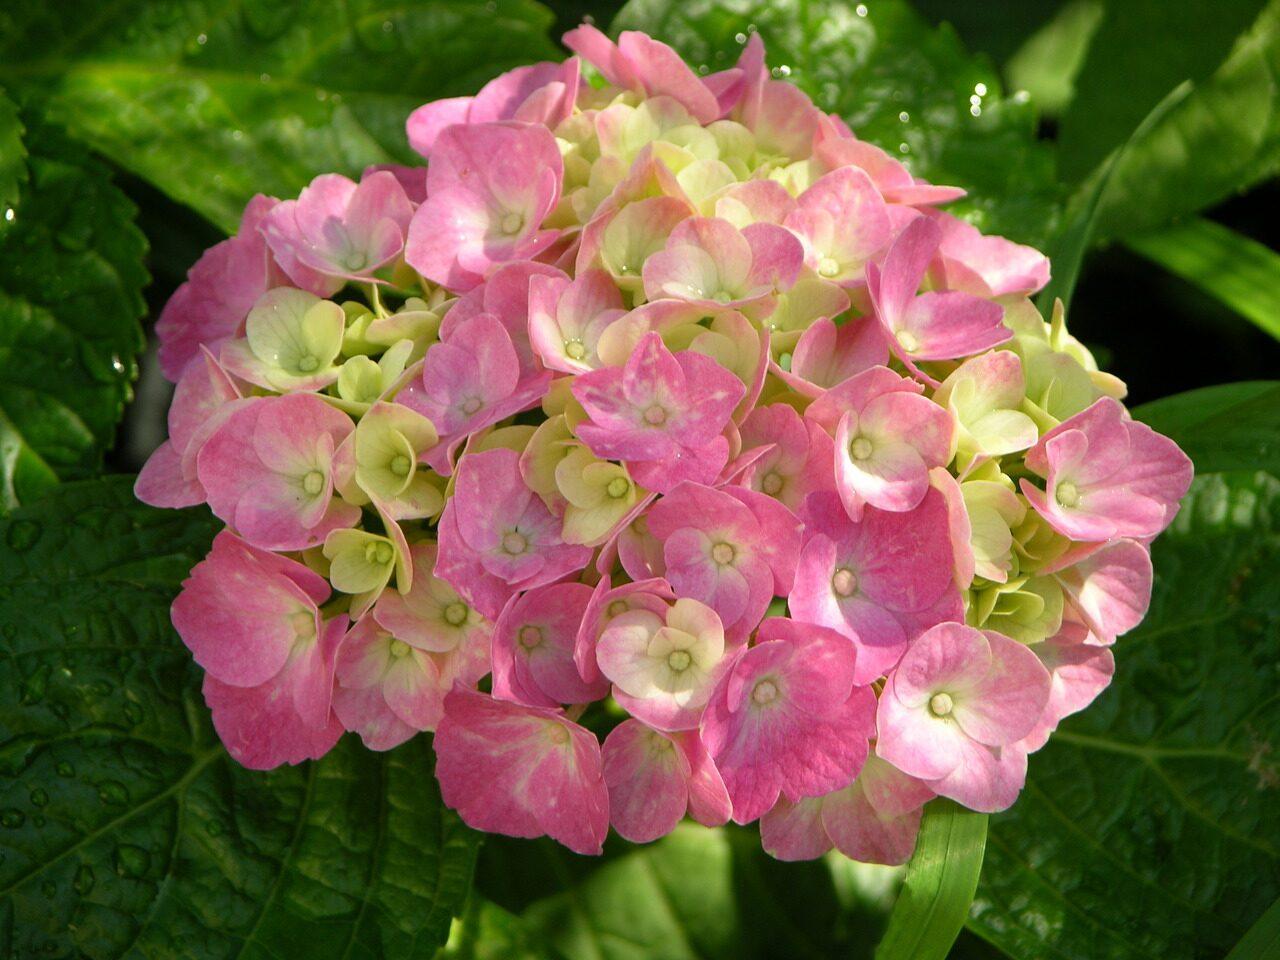 Названия многолетних садовых цветов и названиями по алфавиту